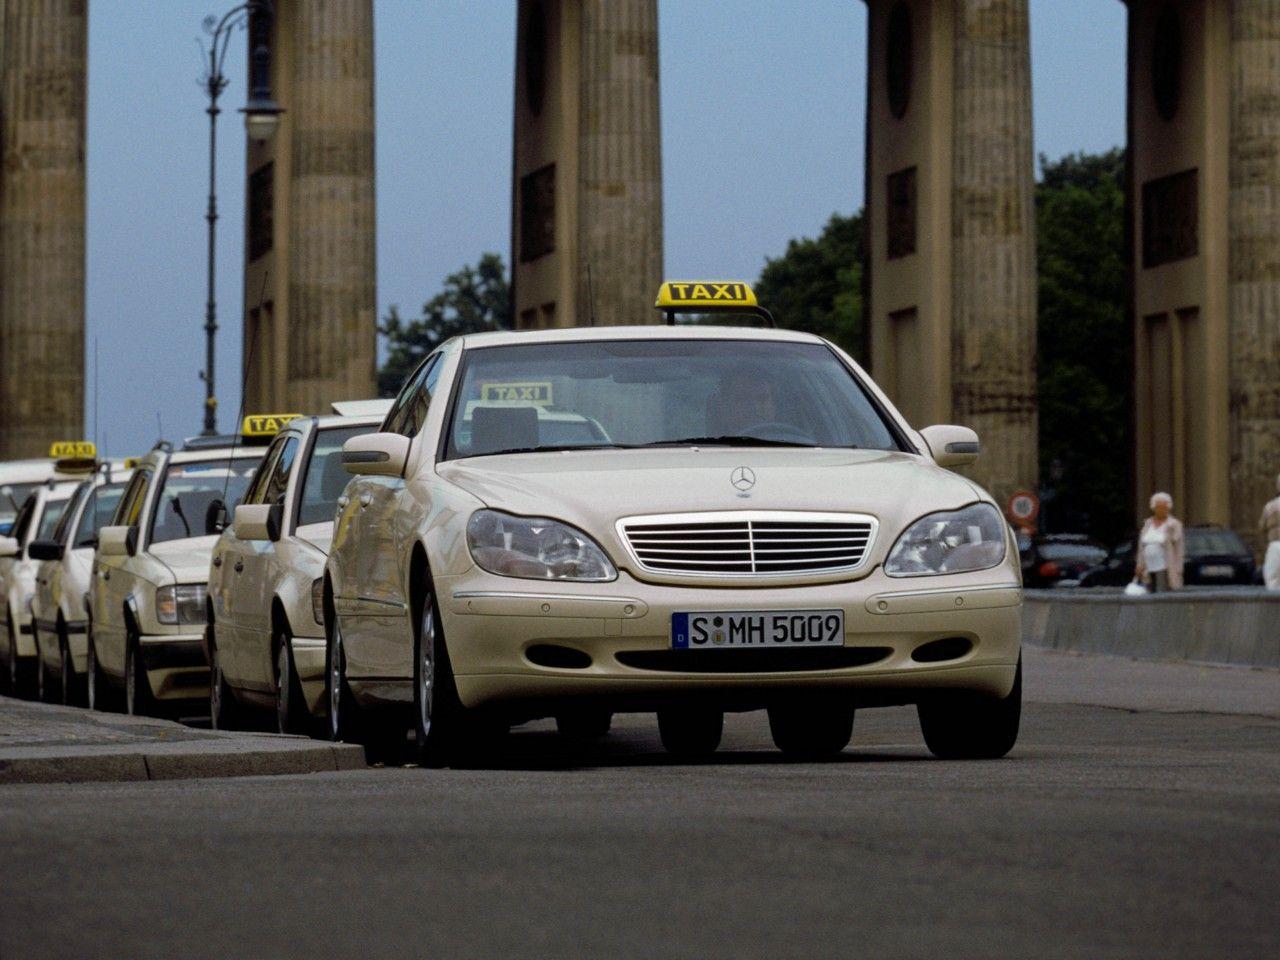 Taxi Naar Stockholm Arlanda Airport Zweden